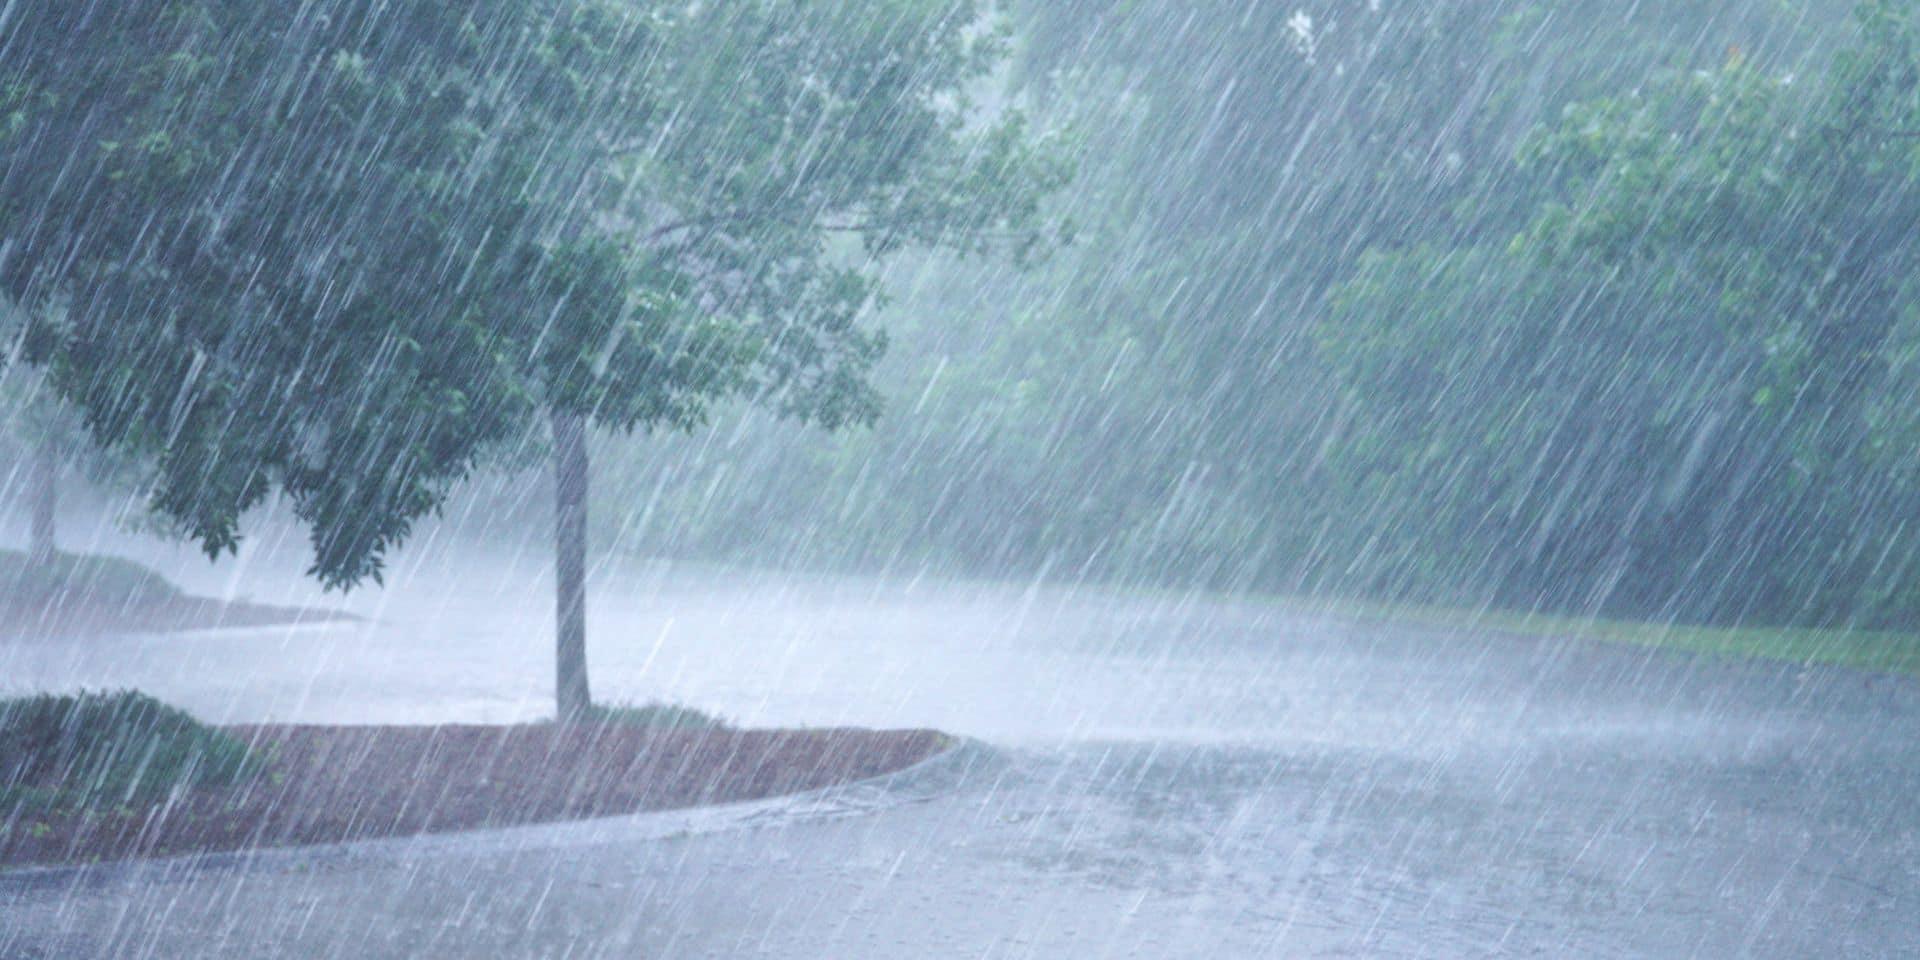 Météo : après le beau temps, pluie et orages viendront jouer les trouble-fête